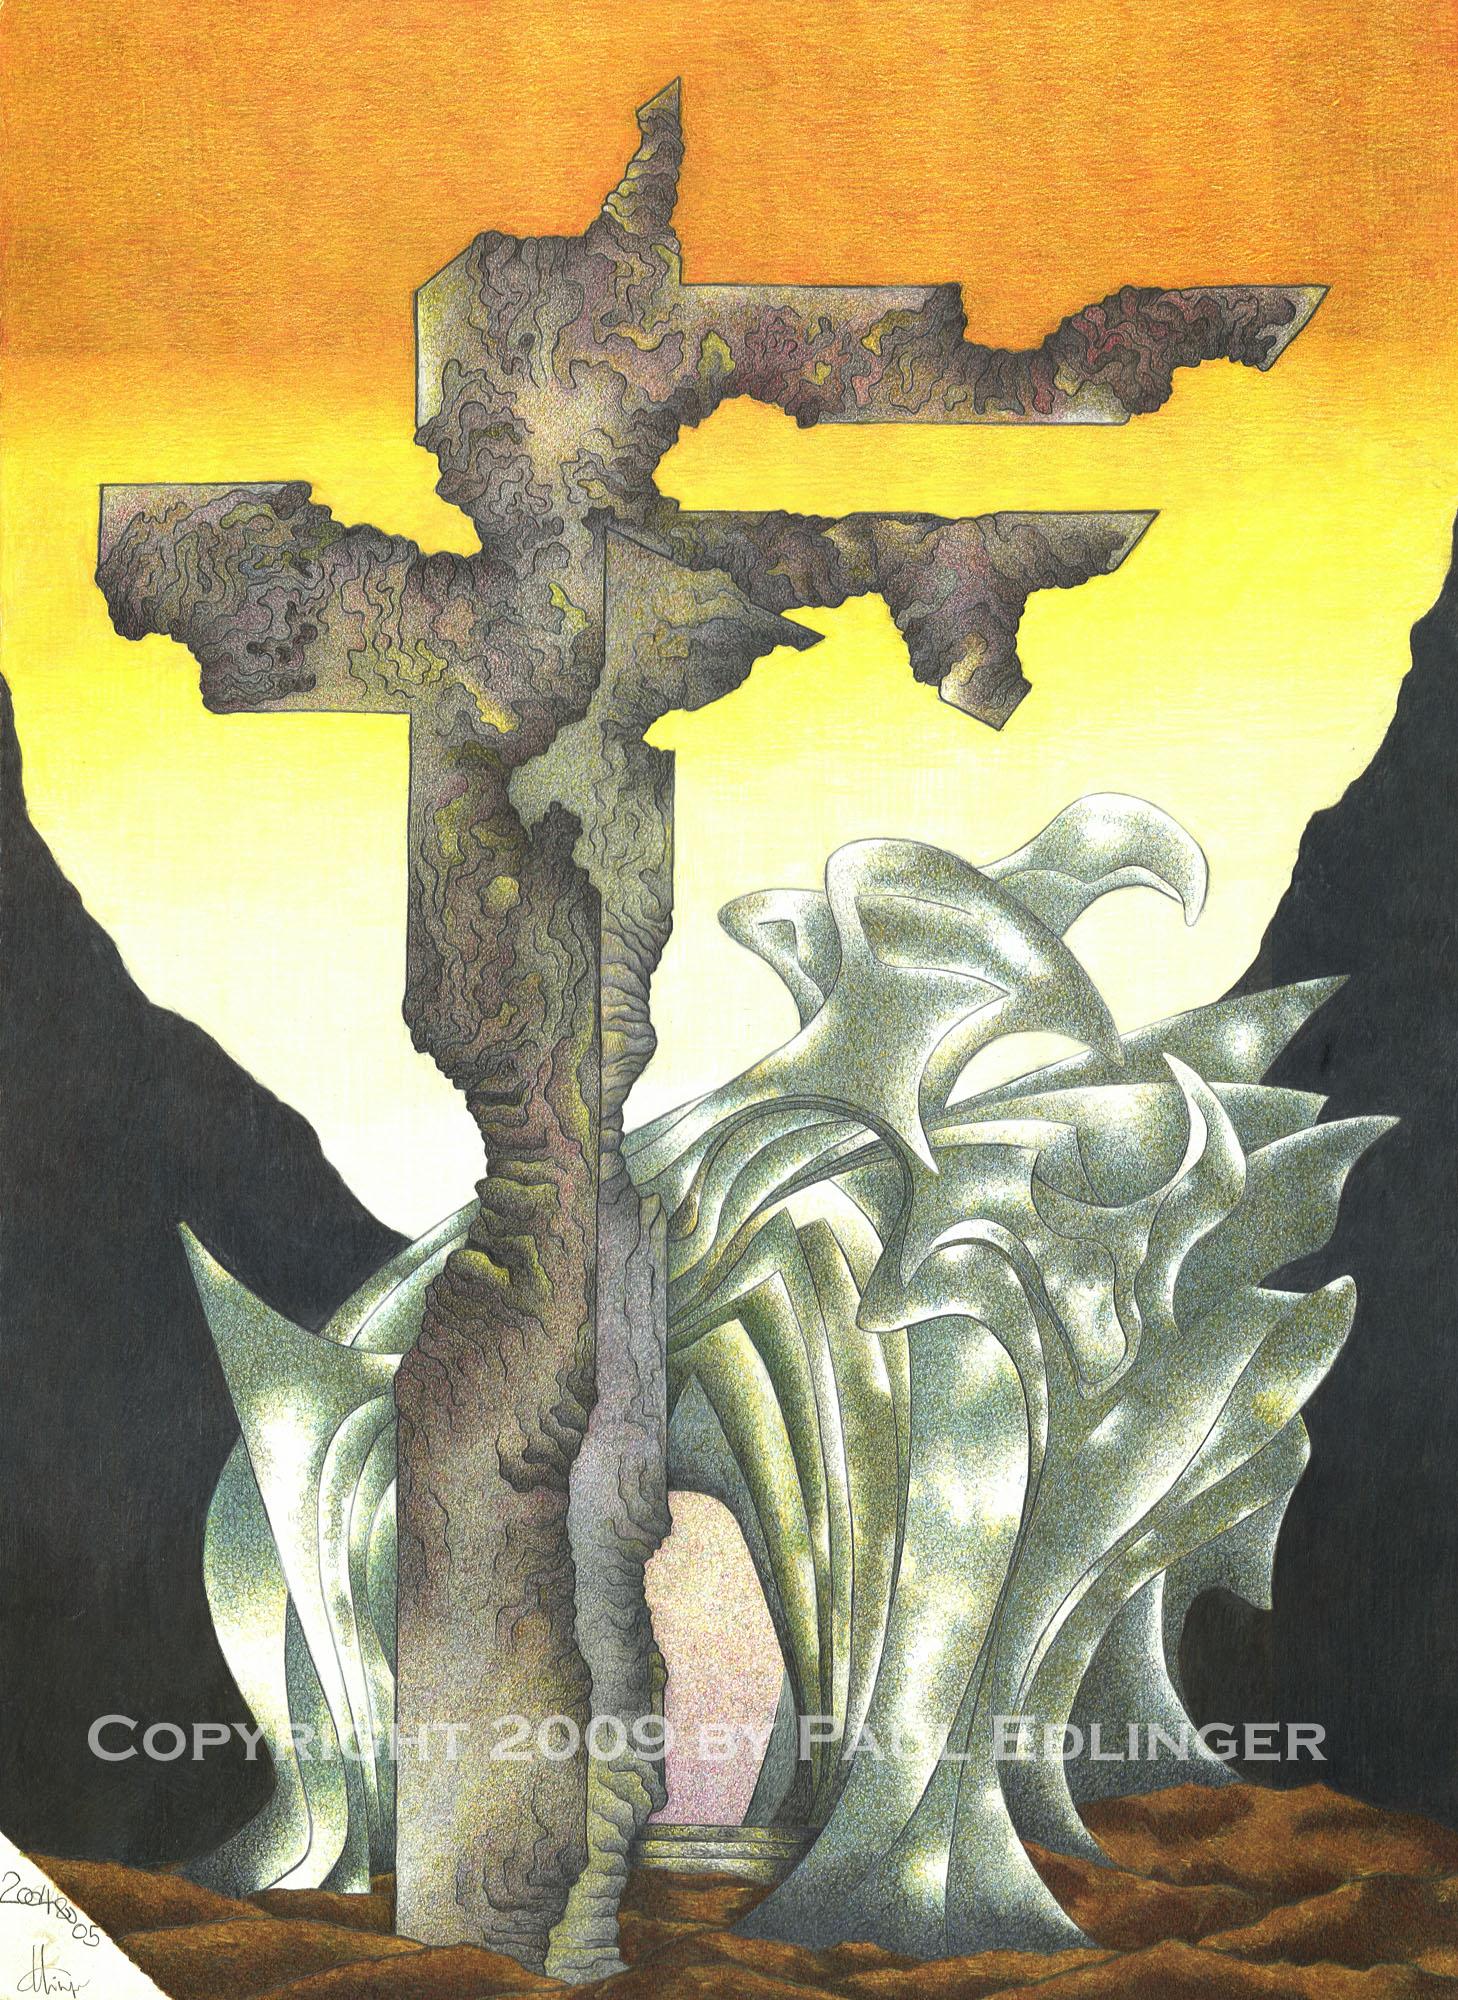 Fantasy Dimensional Gateway by FantasyPaul